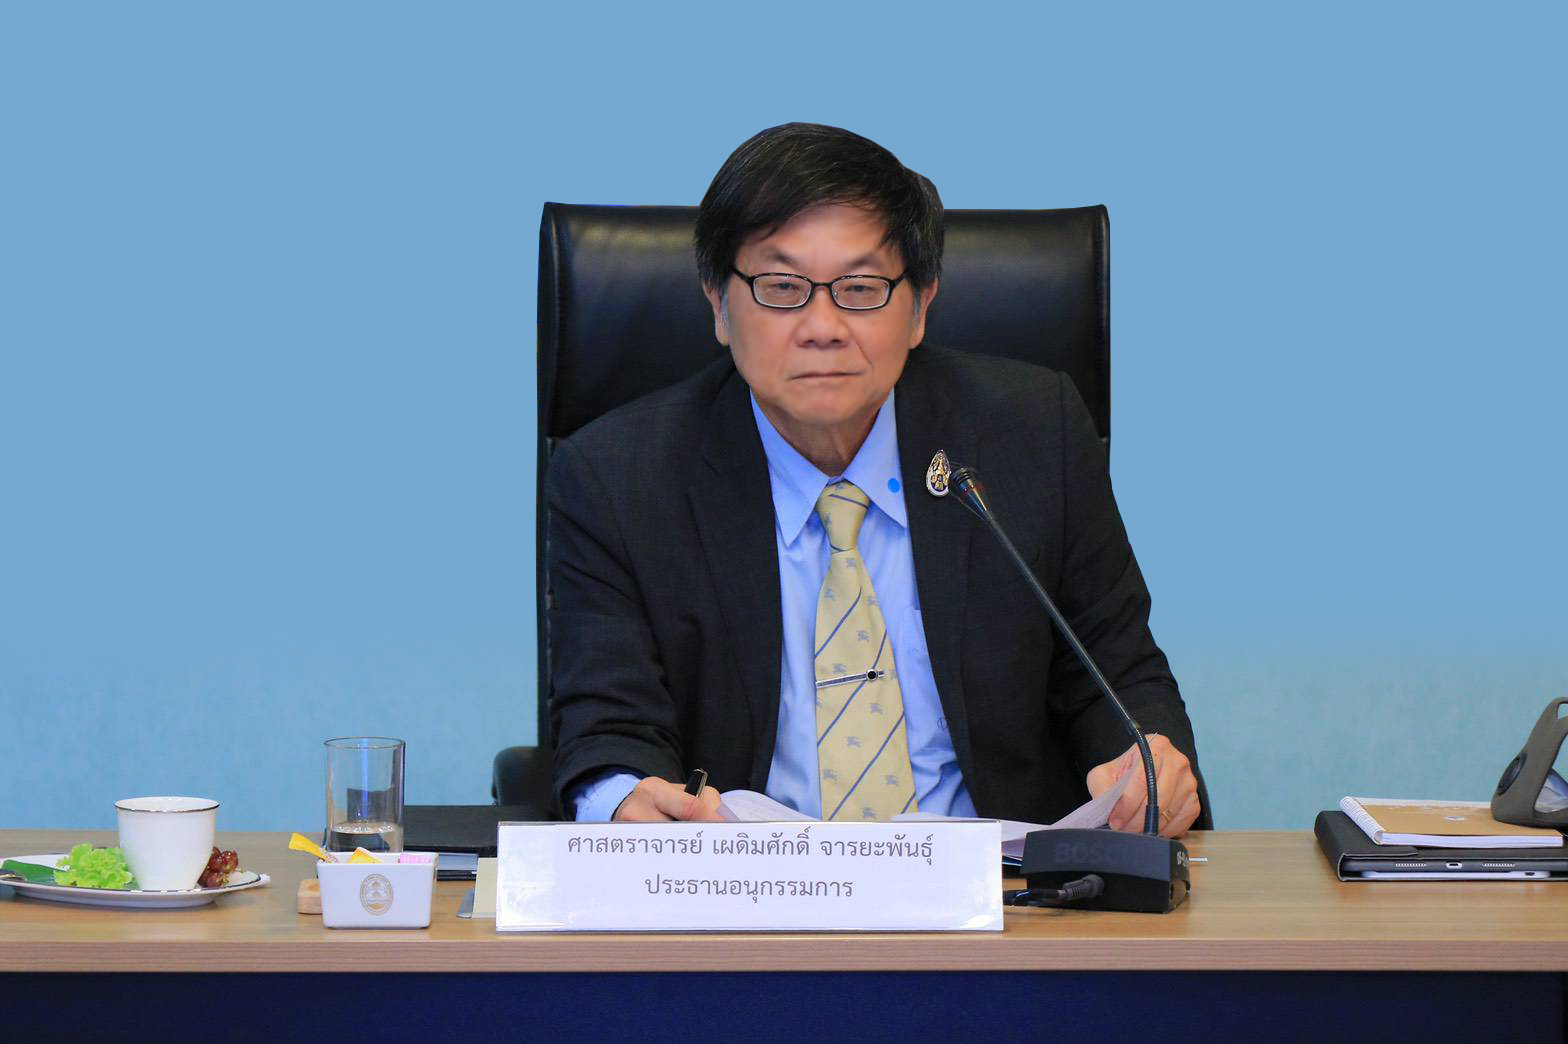 ทช. จัดประชุมคณะอนุกรรมการด้านบริหารจัดการทรัพยากรทางทะเลและชายฝั่ง